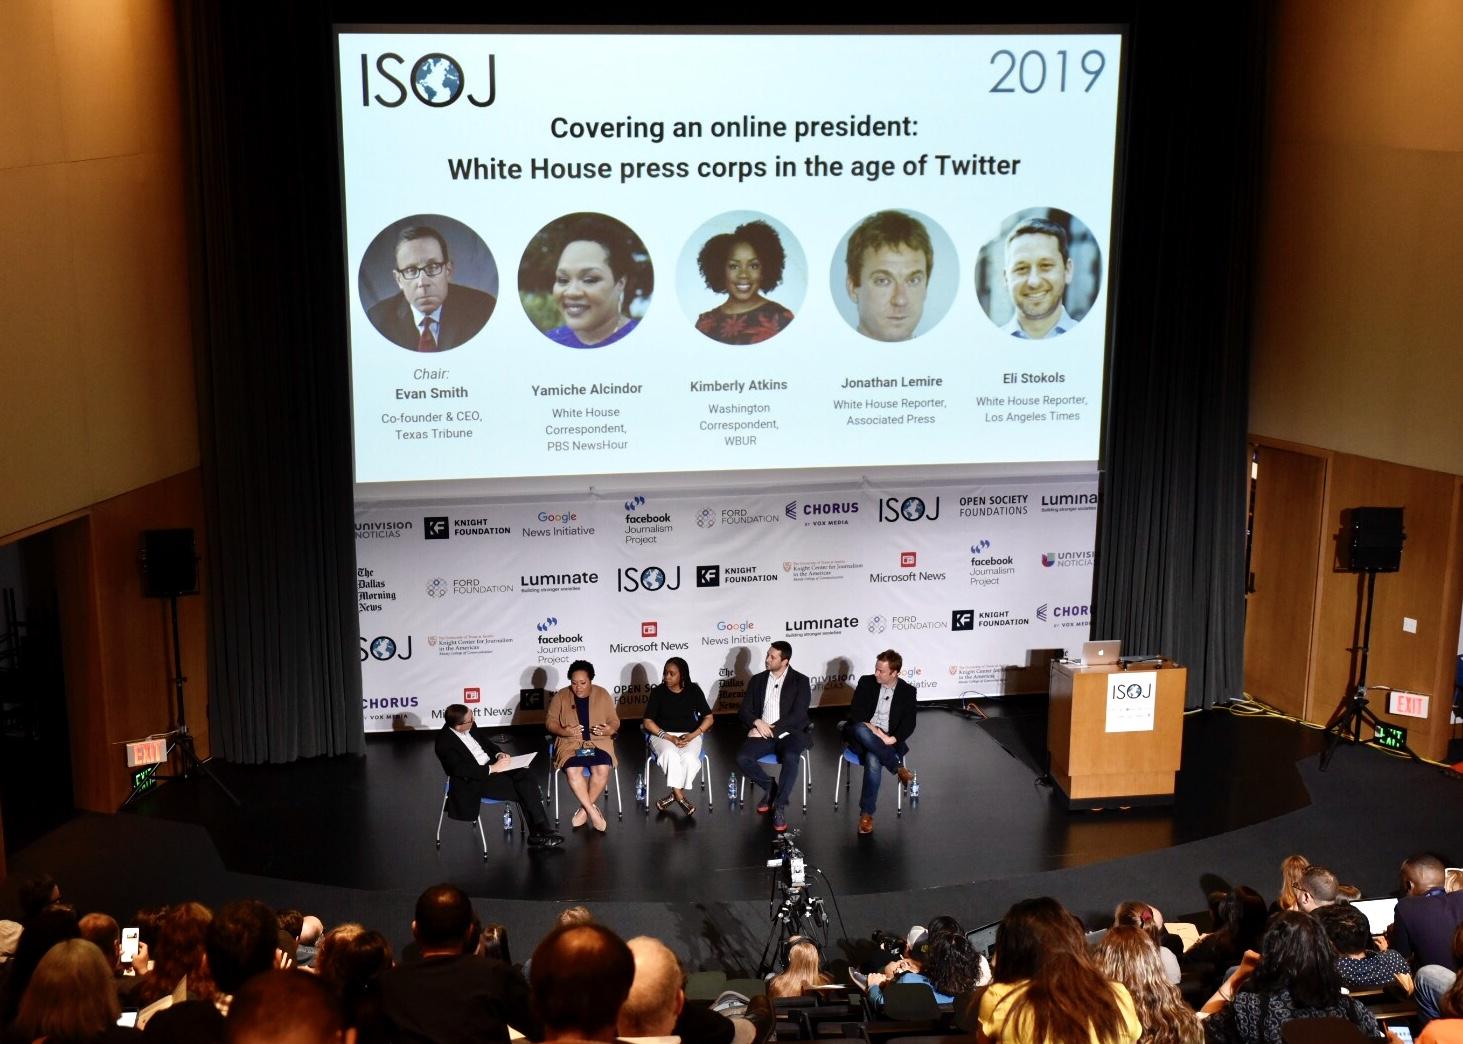 ISOJ Covering Online President Panel